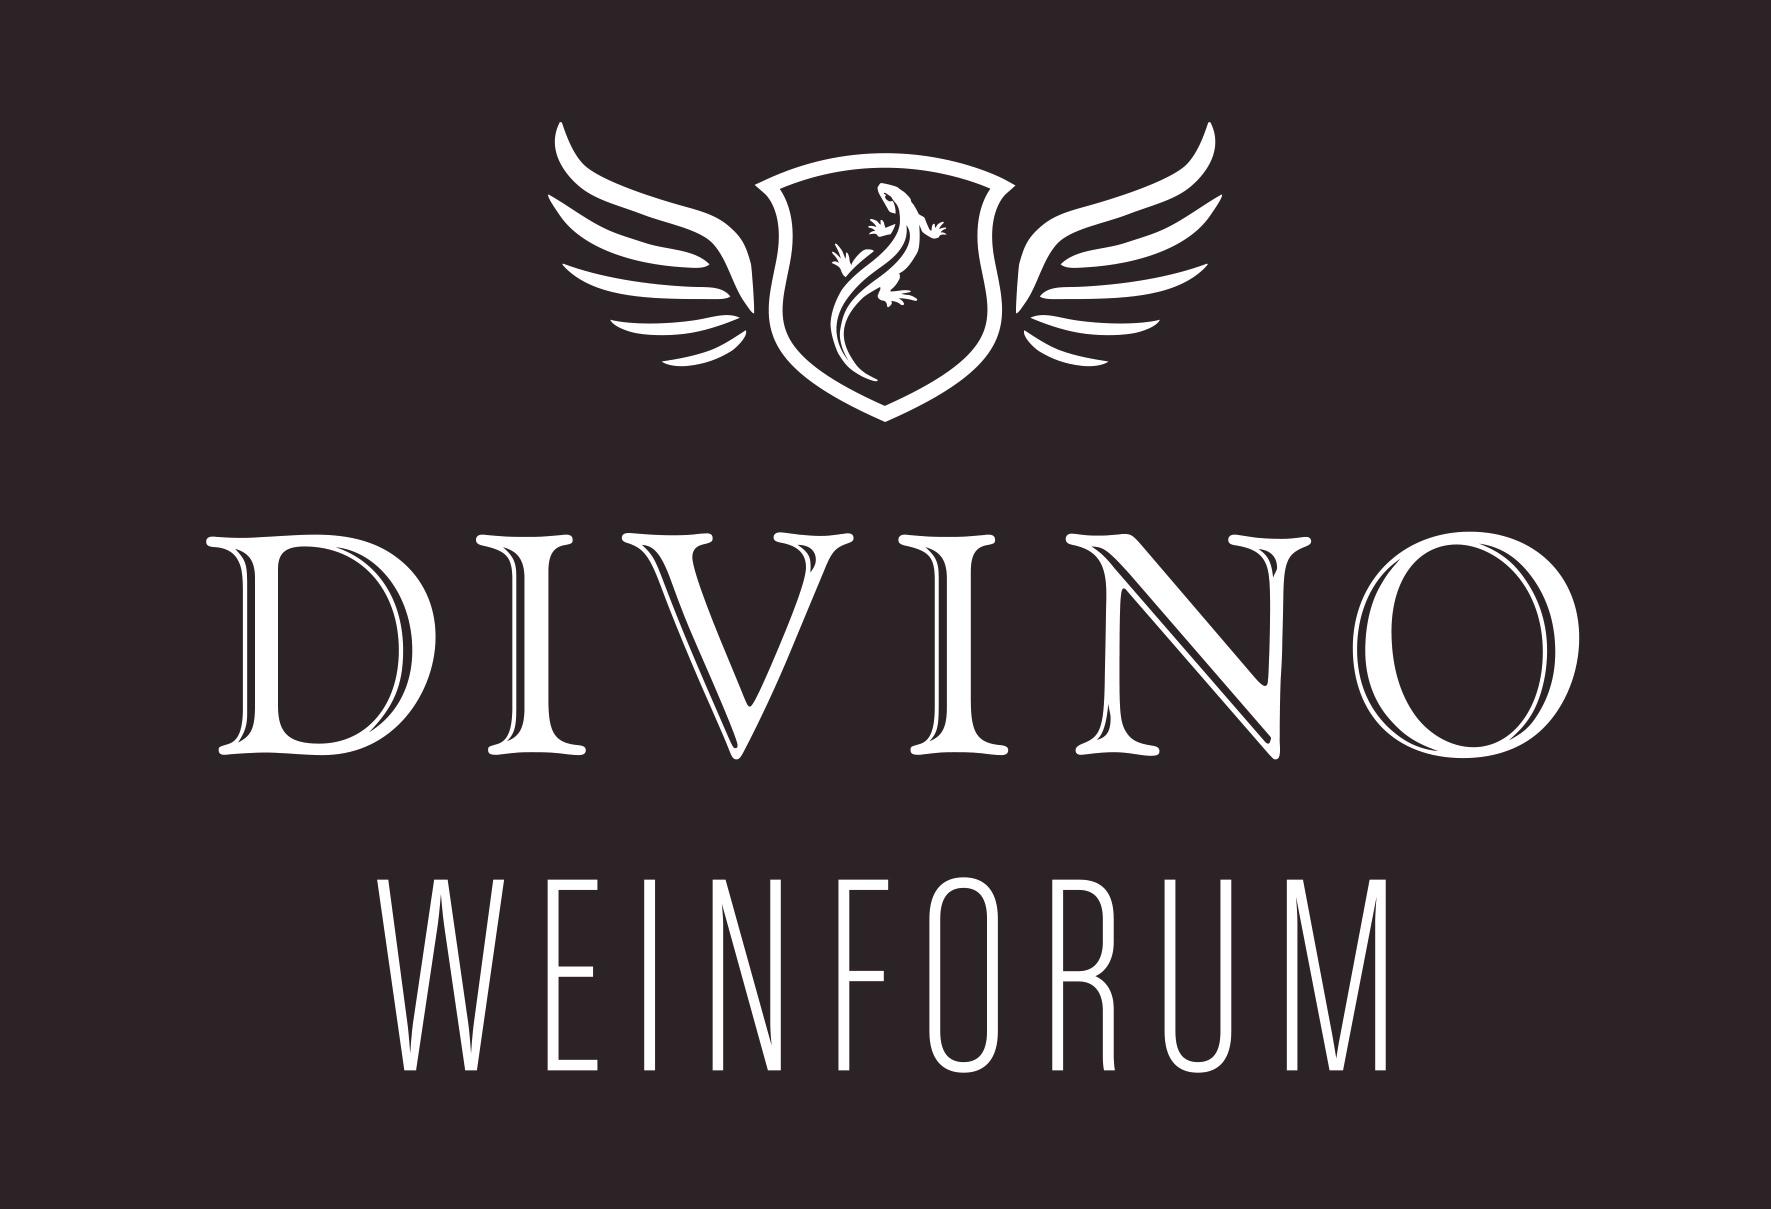 Divino-Weinforum-Cmyk-Konvertiert